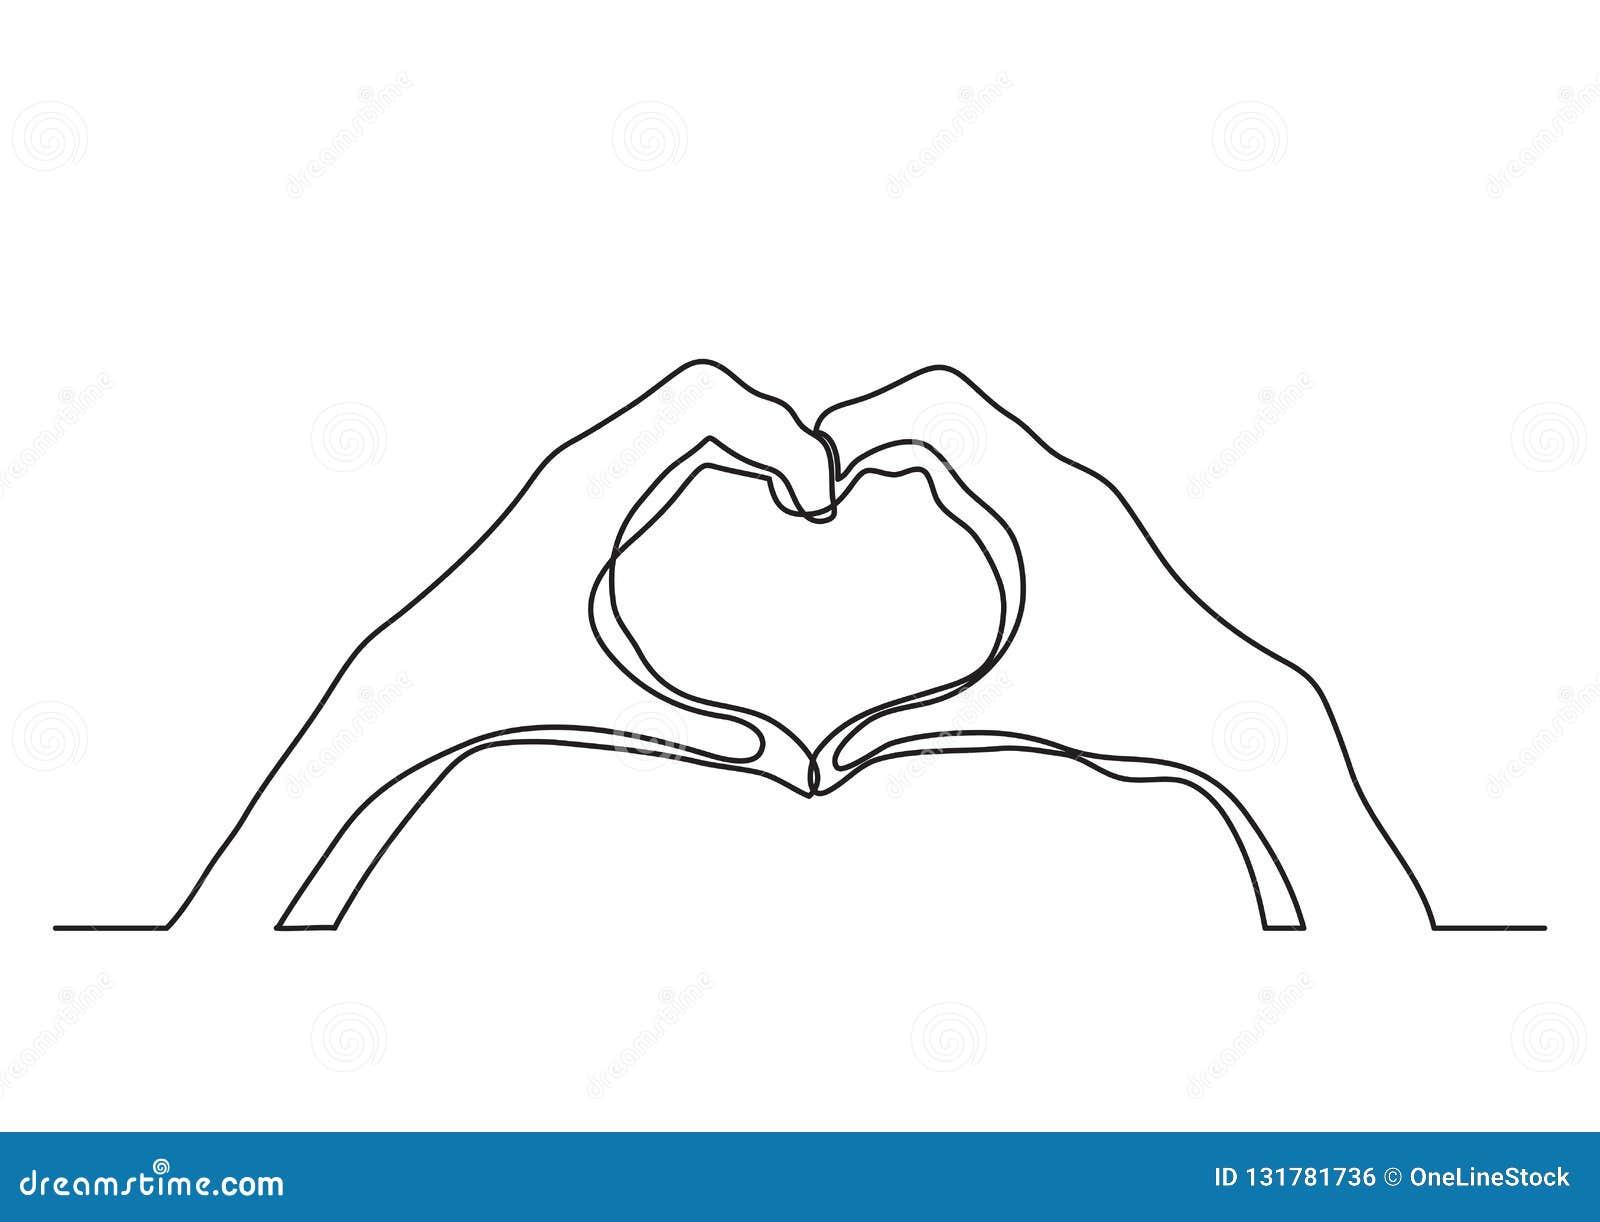 Dibujo lineal continuo de las manos que muestran la muestra del amor